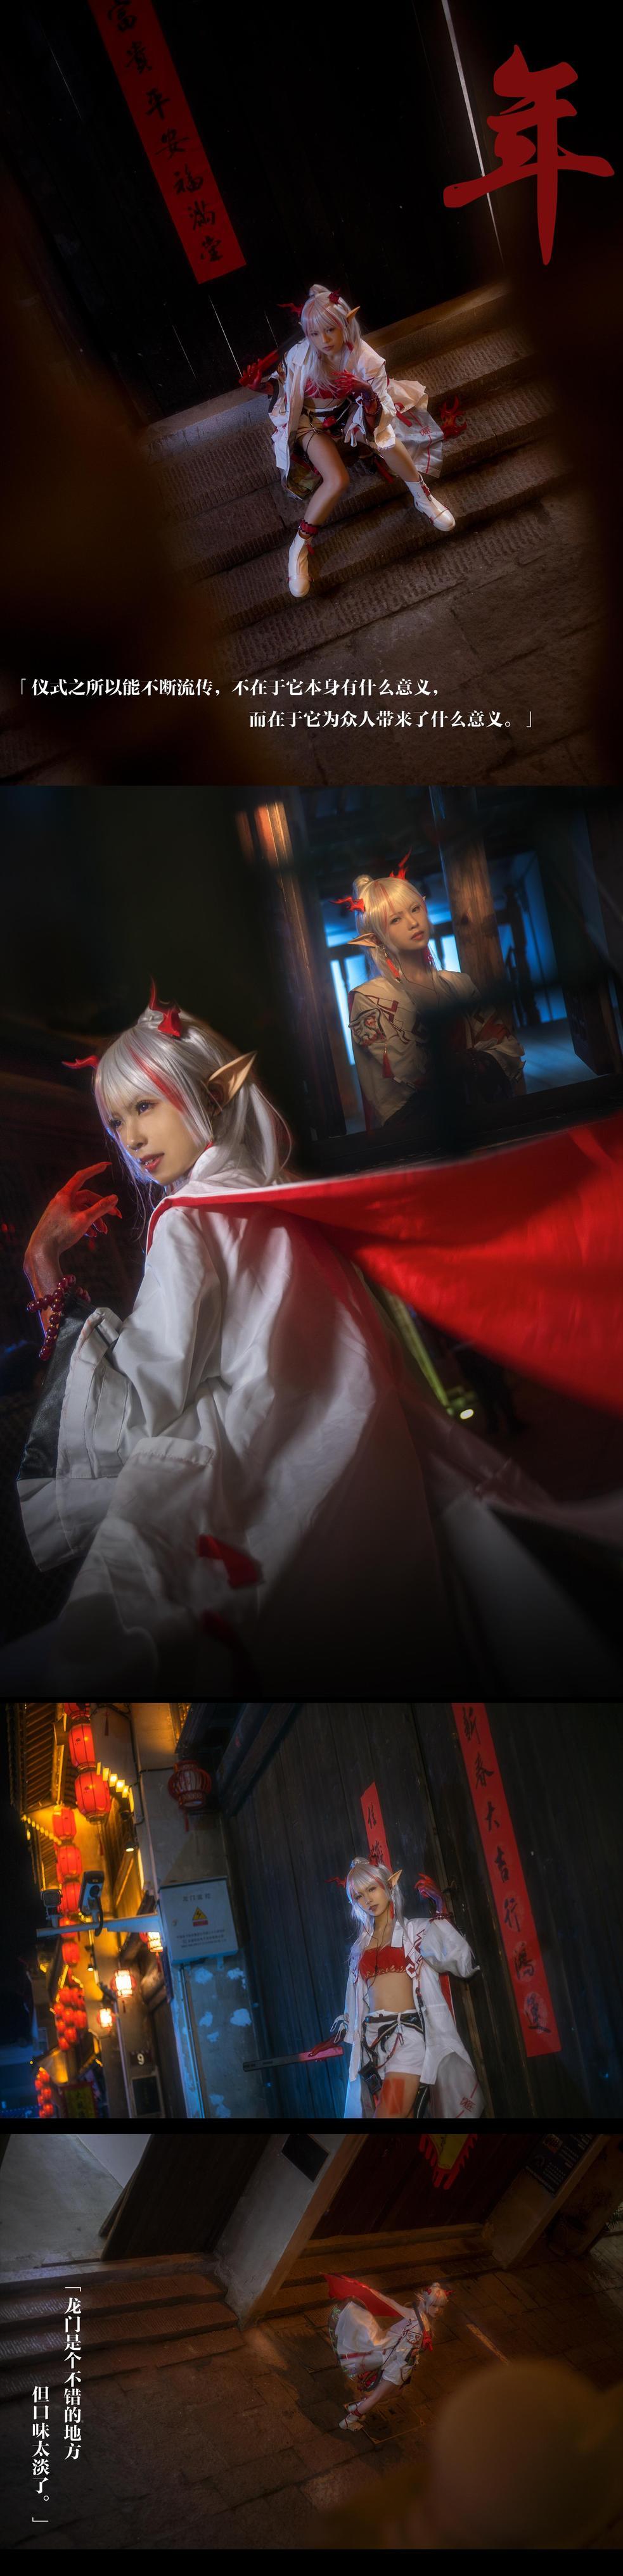 《明日方舟》正片cosplay【CN:天子Ayiig】-第2张